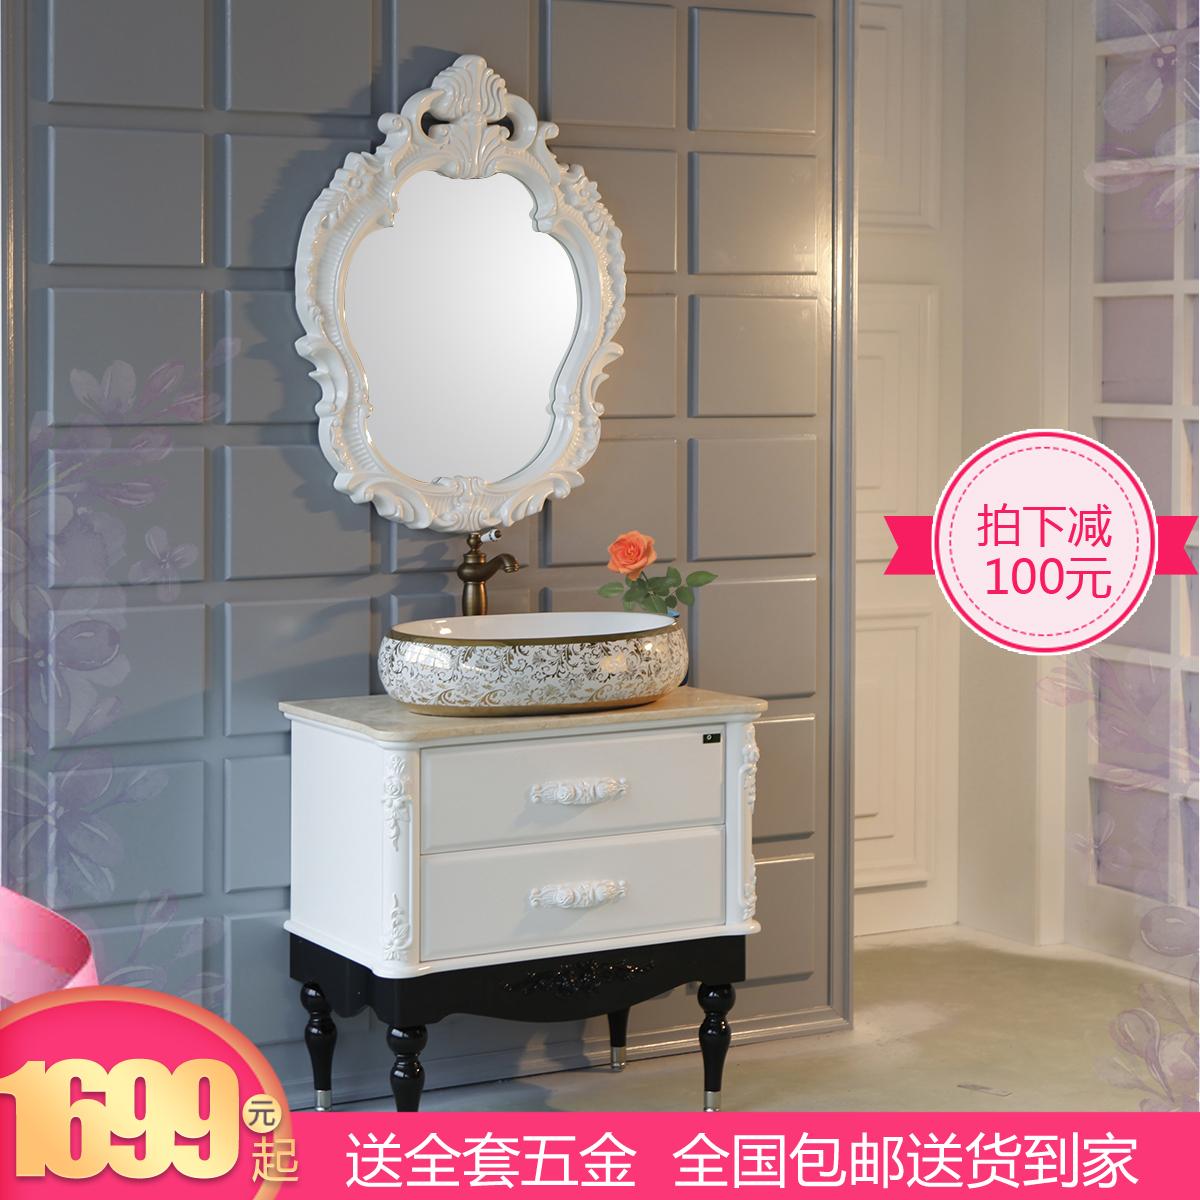 勒丁烤漆简欧浴室柜组合现代简约台上盆面盆柜卫浴柜洗漱台洗脸盆